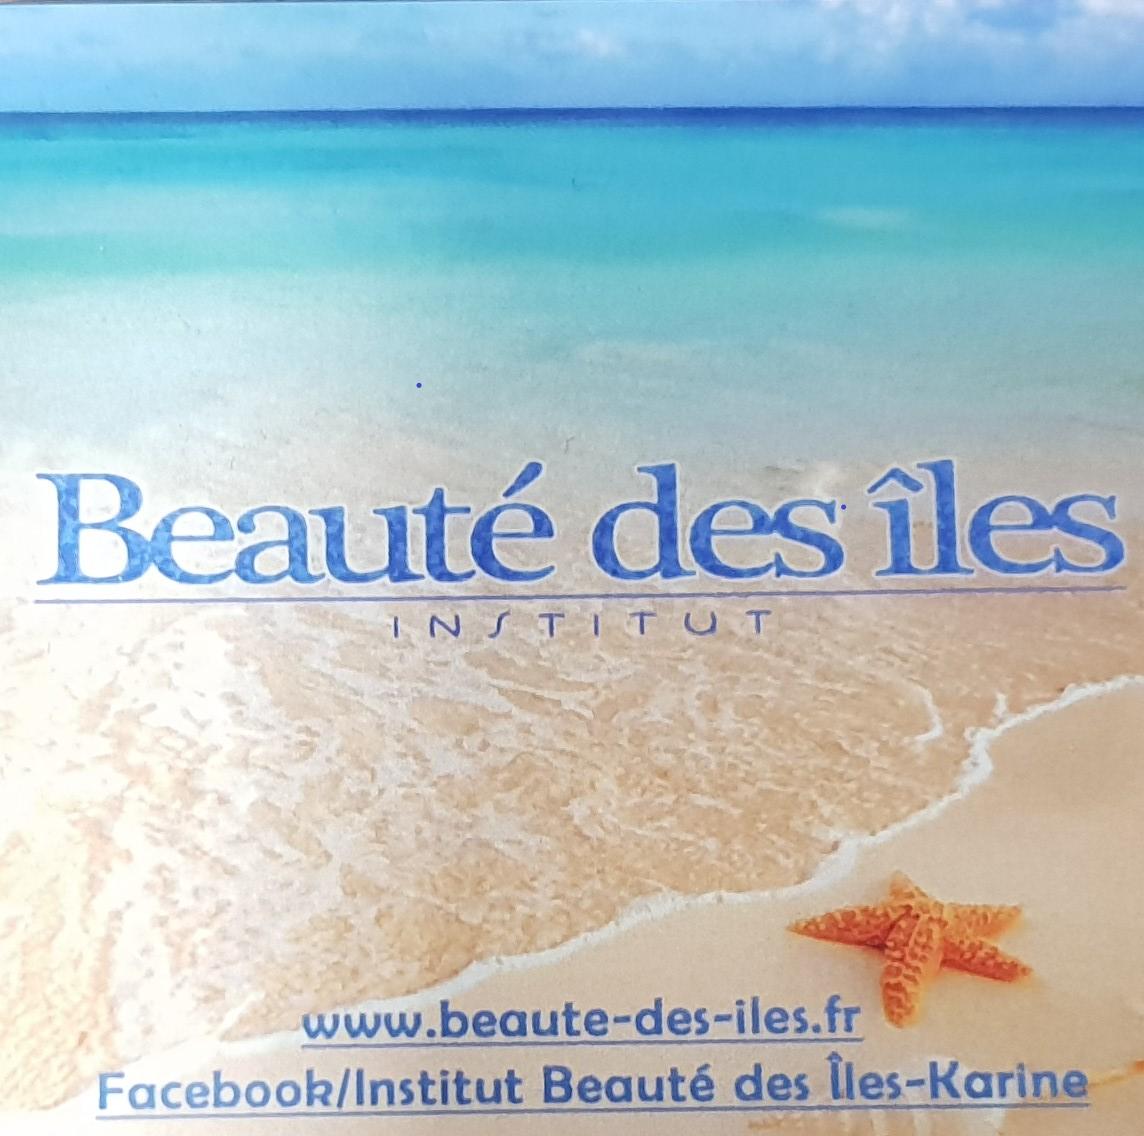 L'immobilier OFF - Beauté des iles Genas